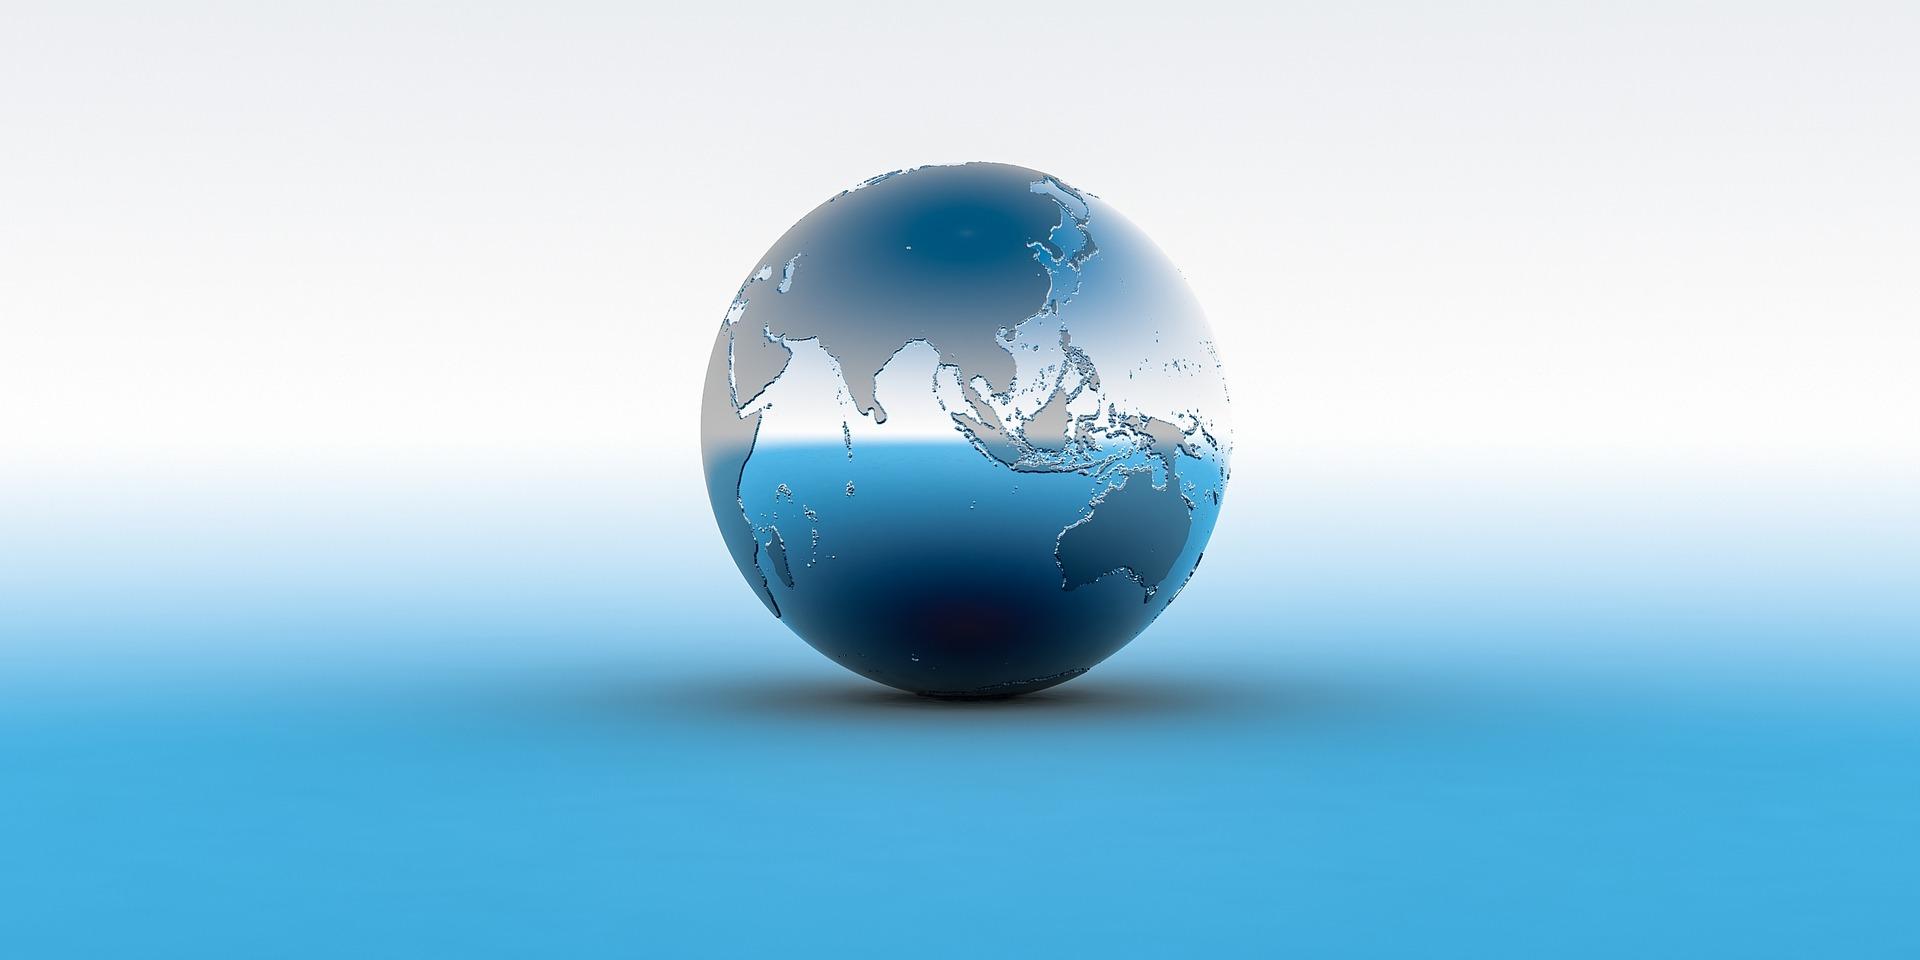 球体の世界地図